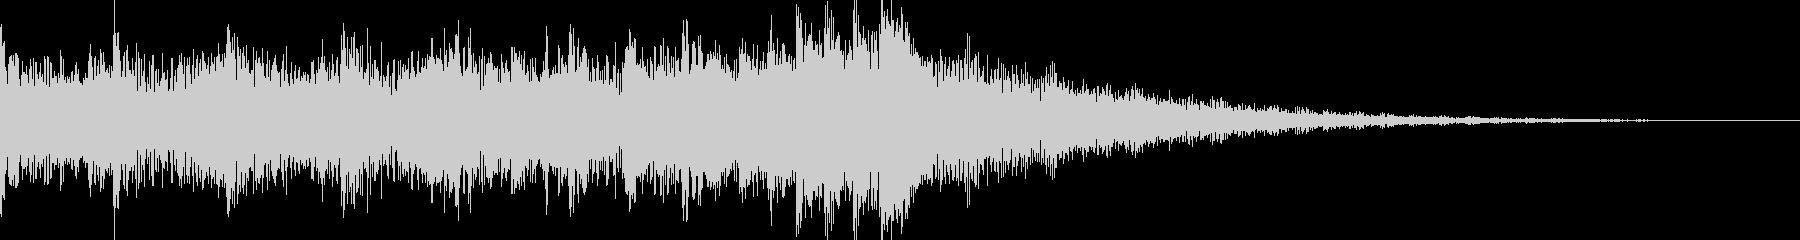 シリアスなシーンに合うEDMジングルの未再生の波形